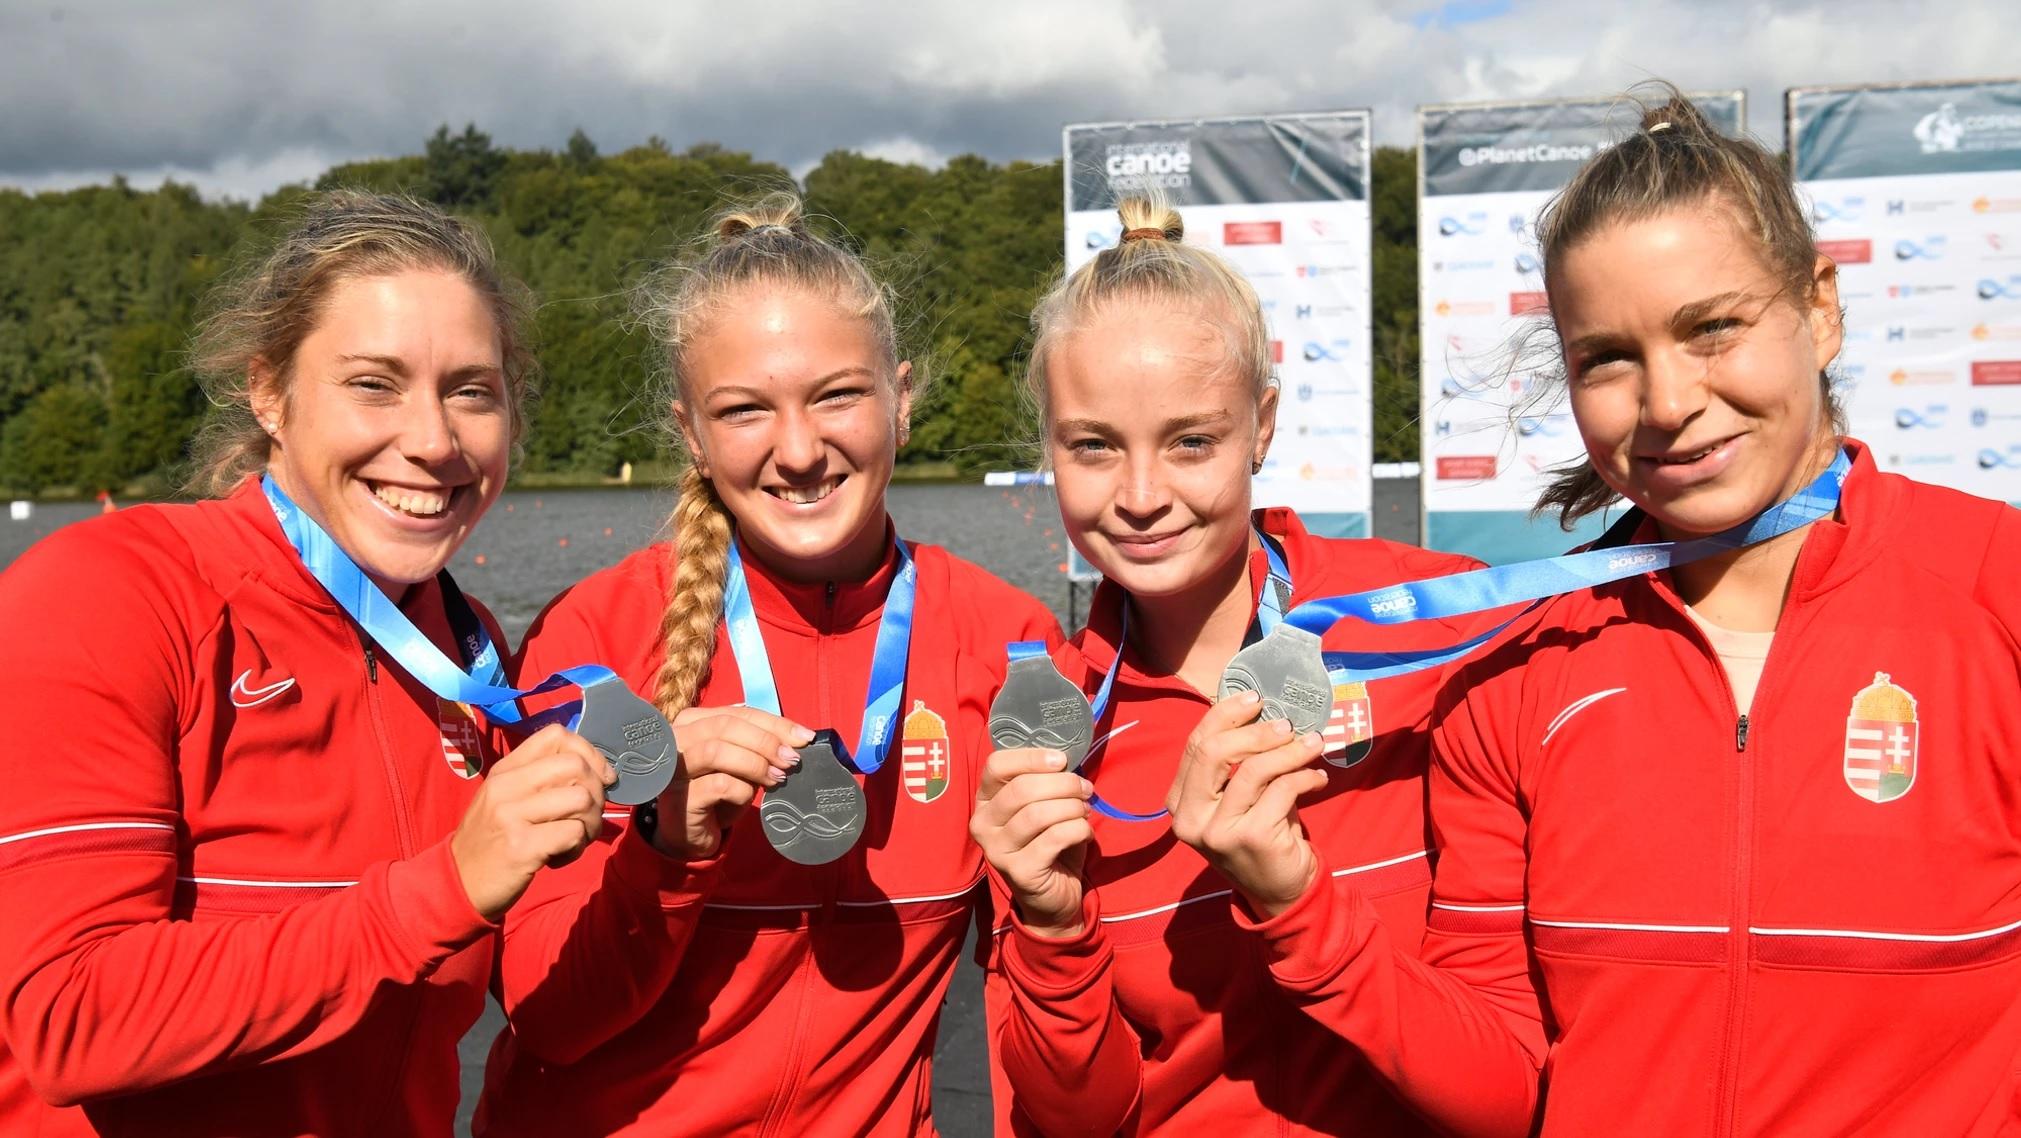 Ezüstérmet szerzett a Széchenyi István Egyetem két hallgatója a kajak-kenu-világbajnokságon